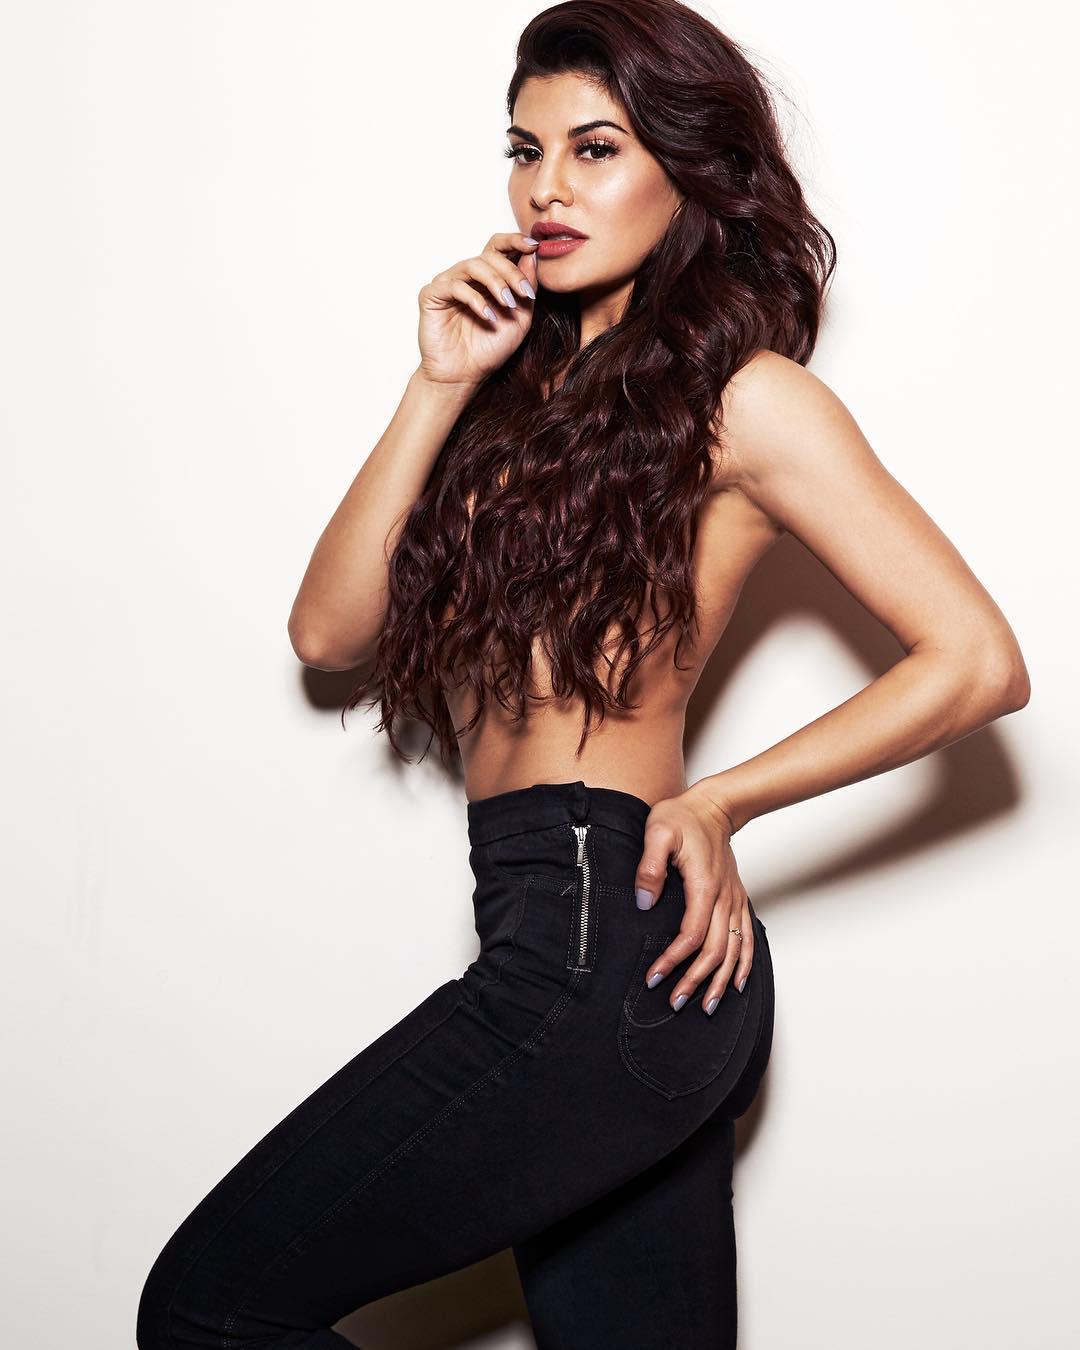 Jacqueline Fernandez top less pic